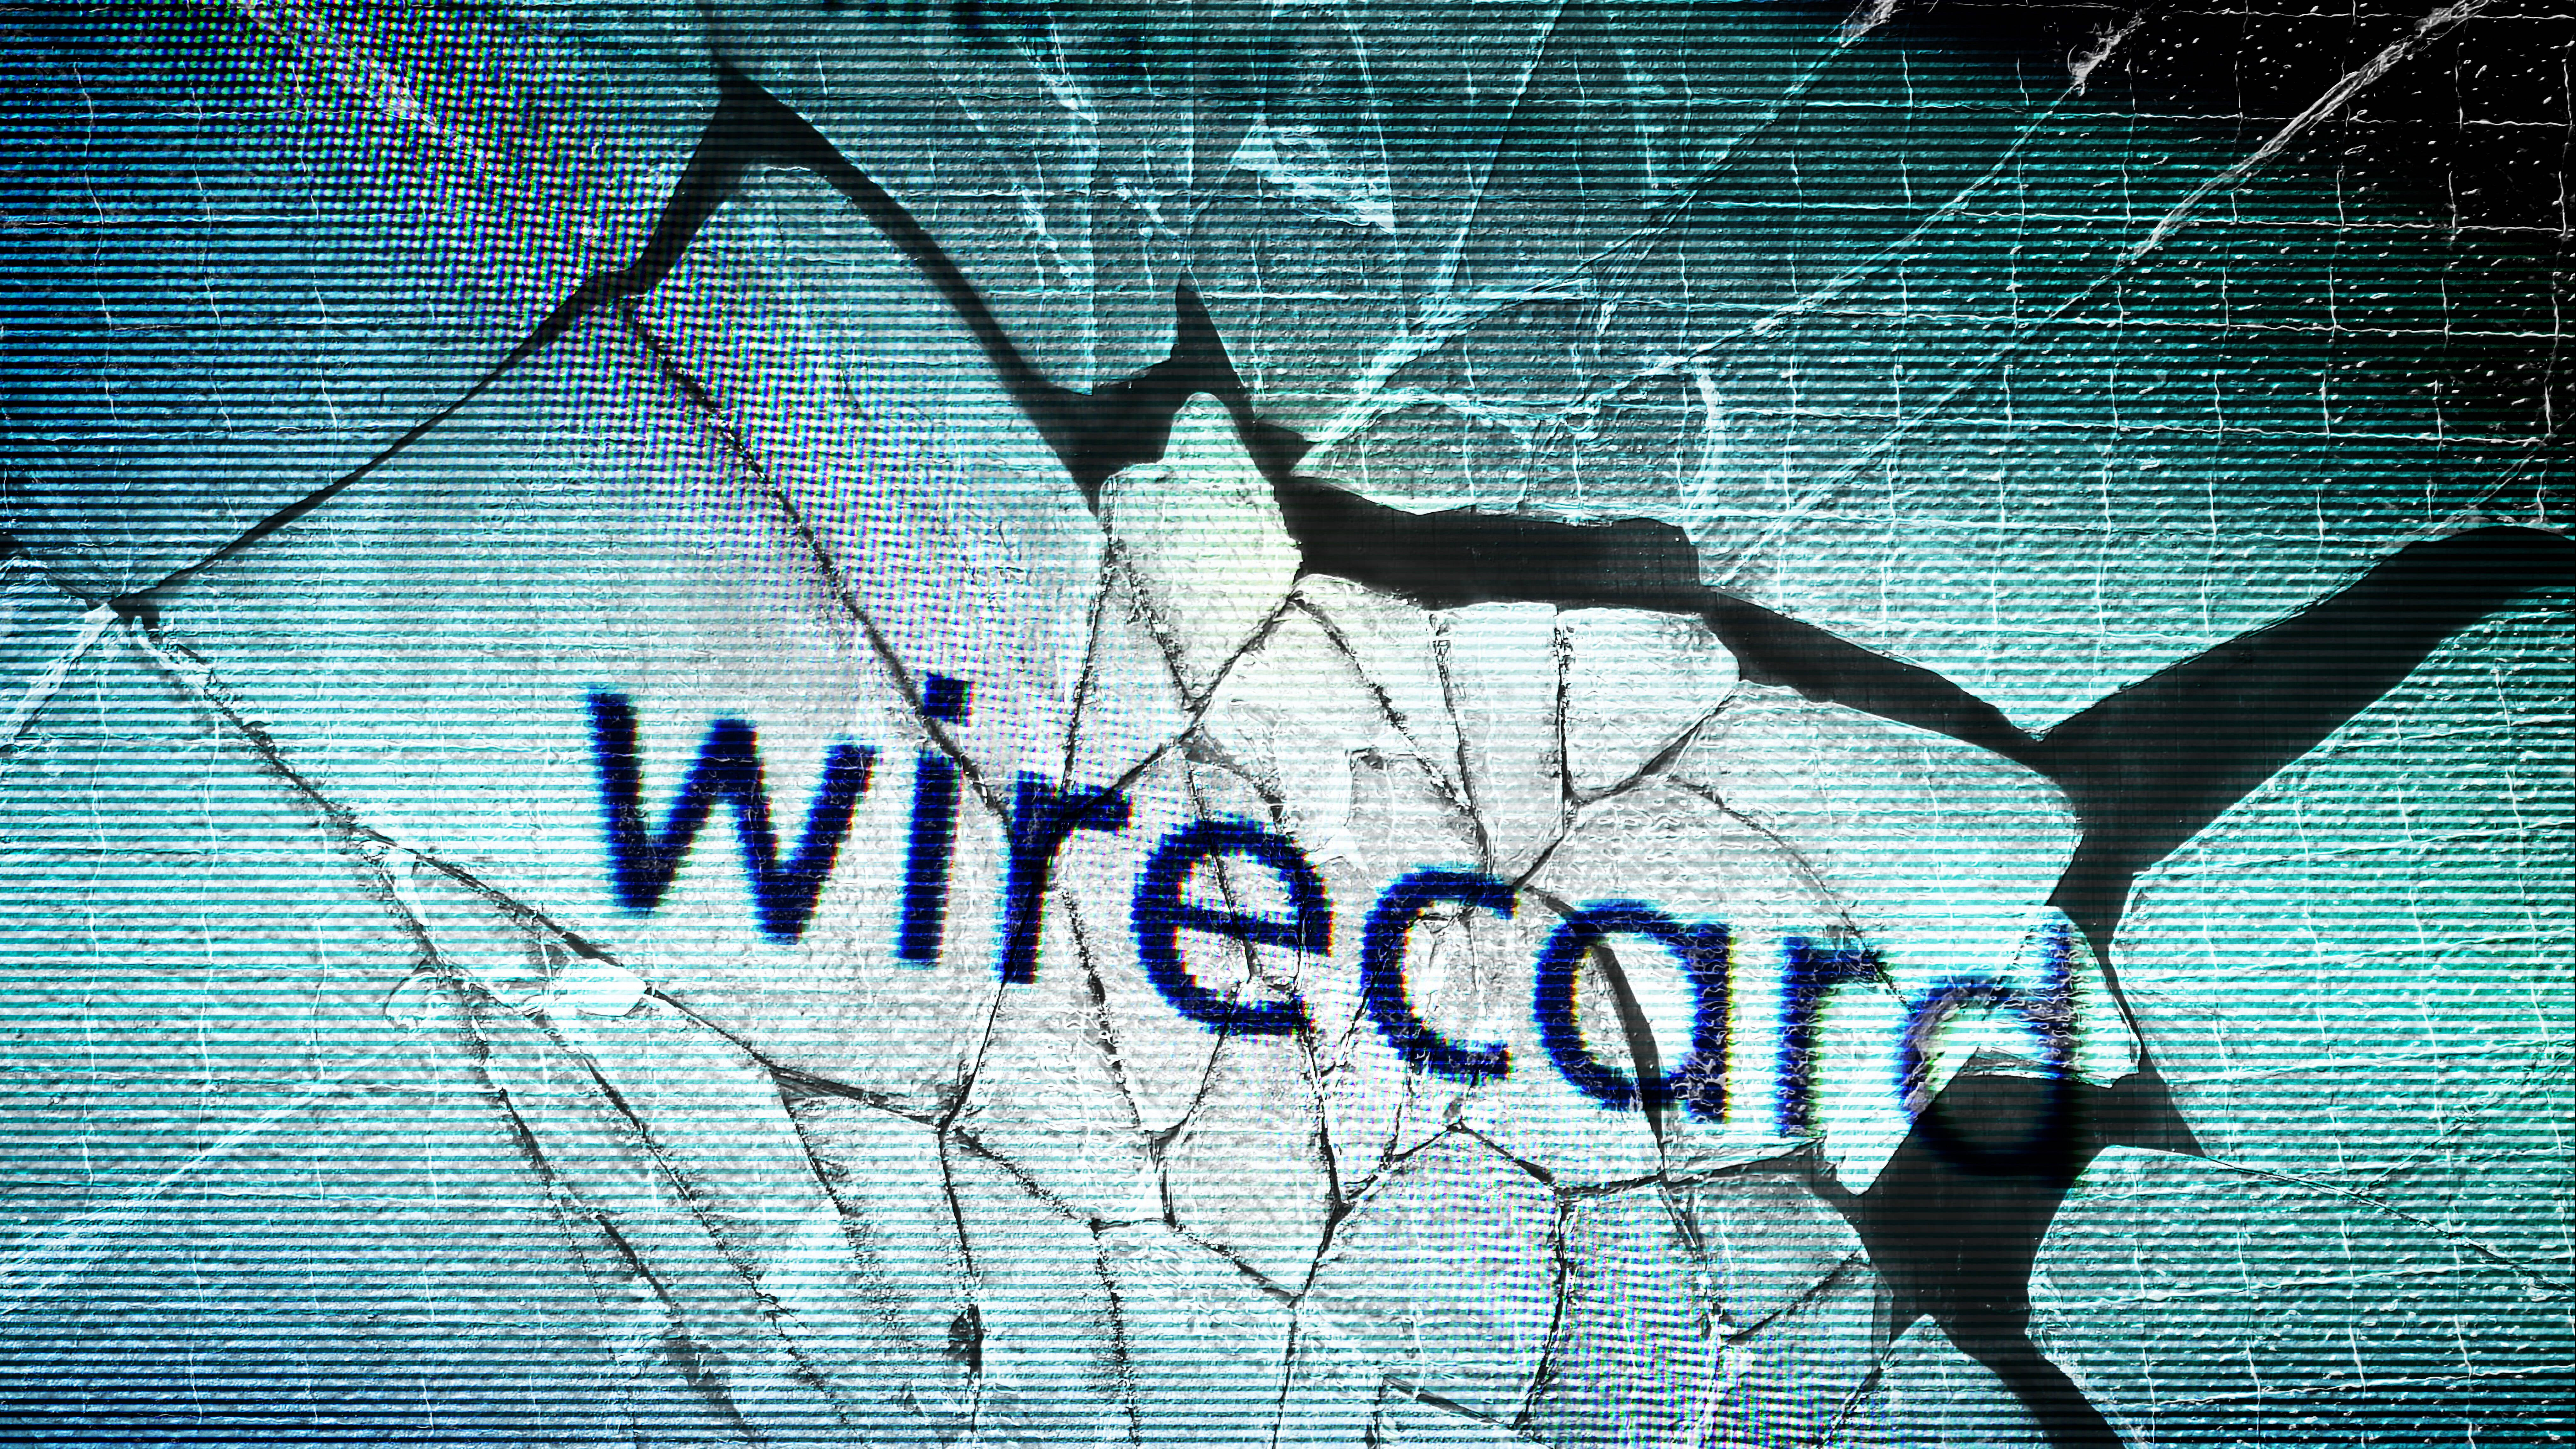 Die Wirecard AG wurde 1999 in Grasbrunn bei München gegründet, sie ist inzwischen insolventer Anbieter von Online-Zahlungsabwicklungen in Echtzeit.